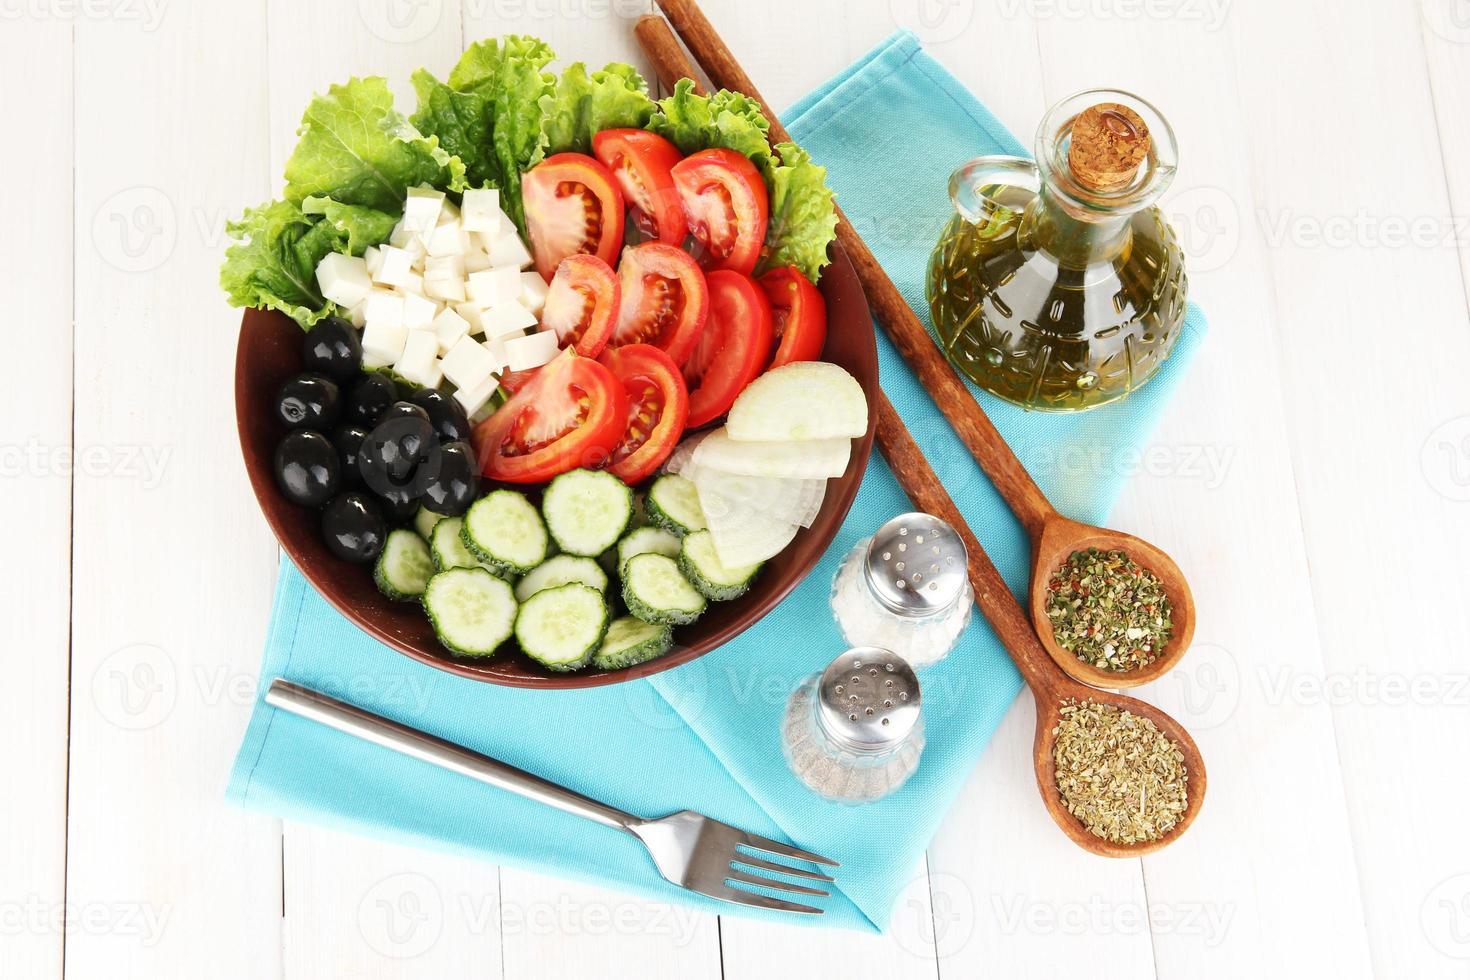 saborosa salada grega com especiarias em fundo branco de madeira foto